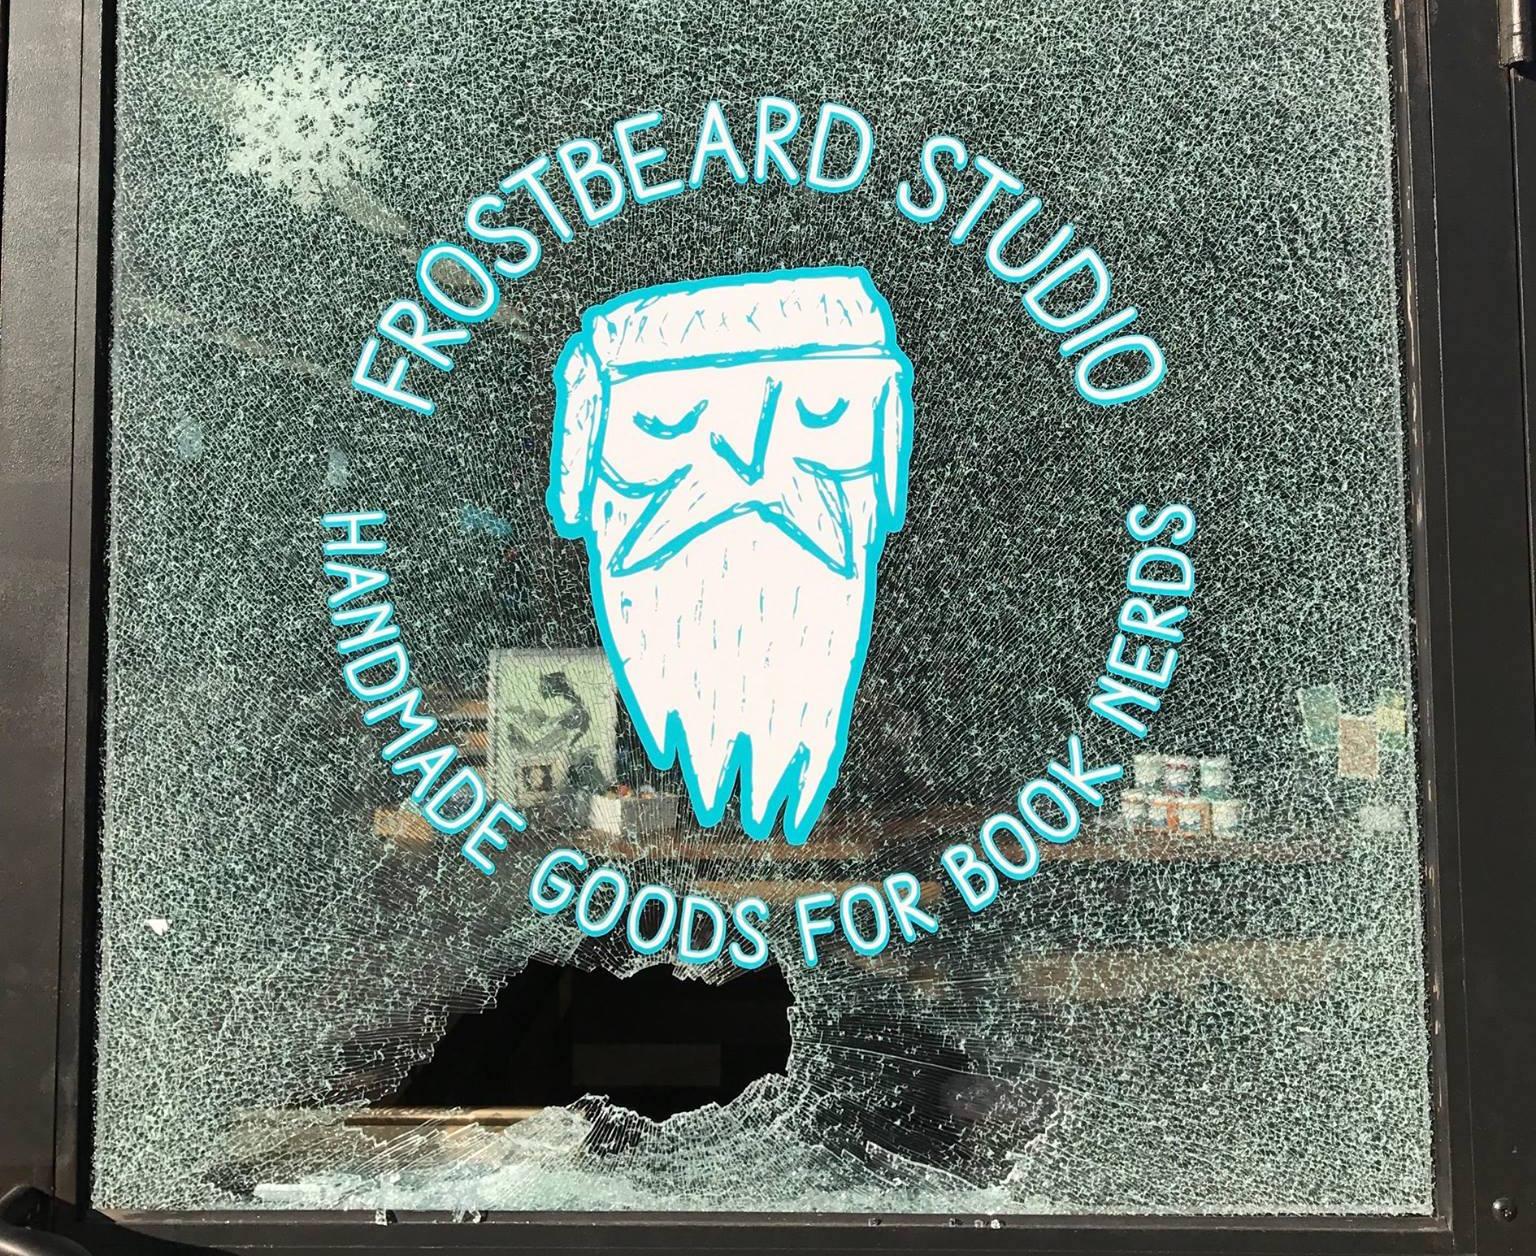 FrostbeardStudio